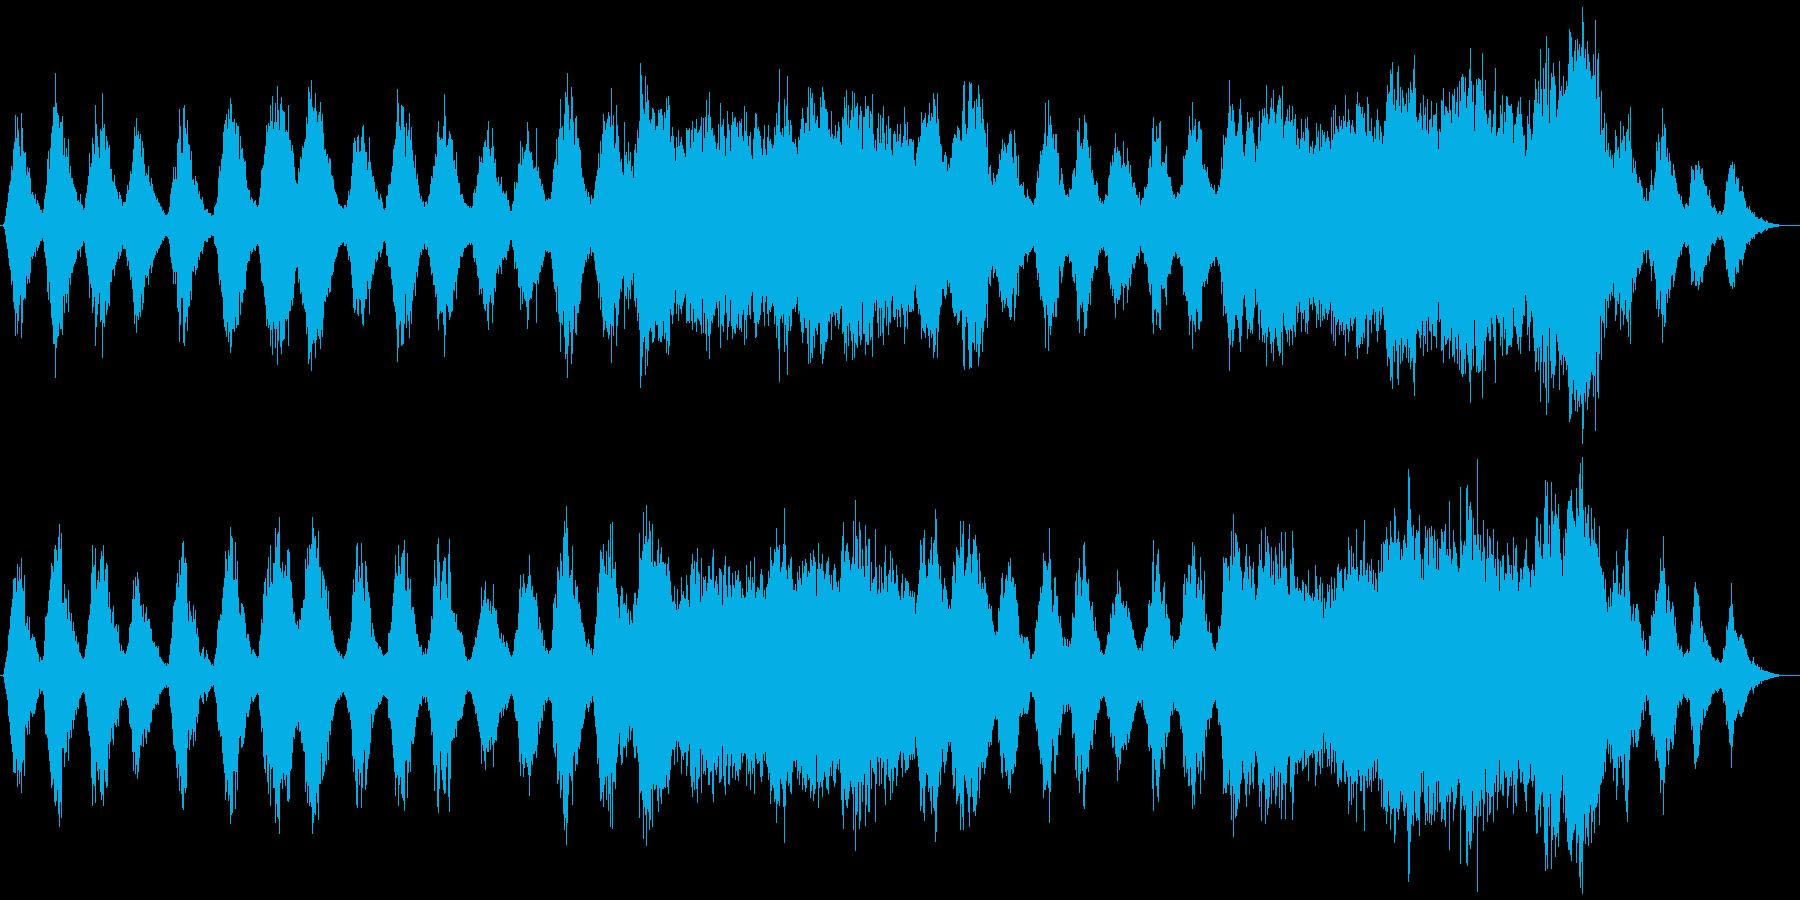 幻想的で荘厳な雰囲気が印象的にリフレインの再生済みの波形